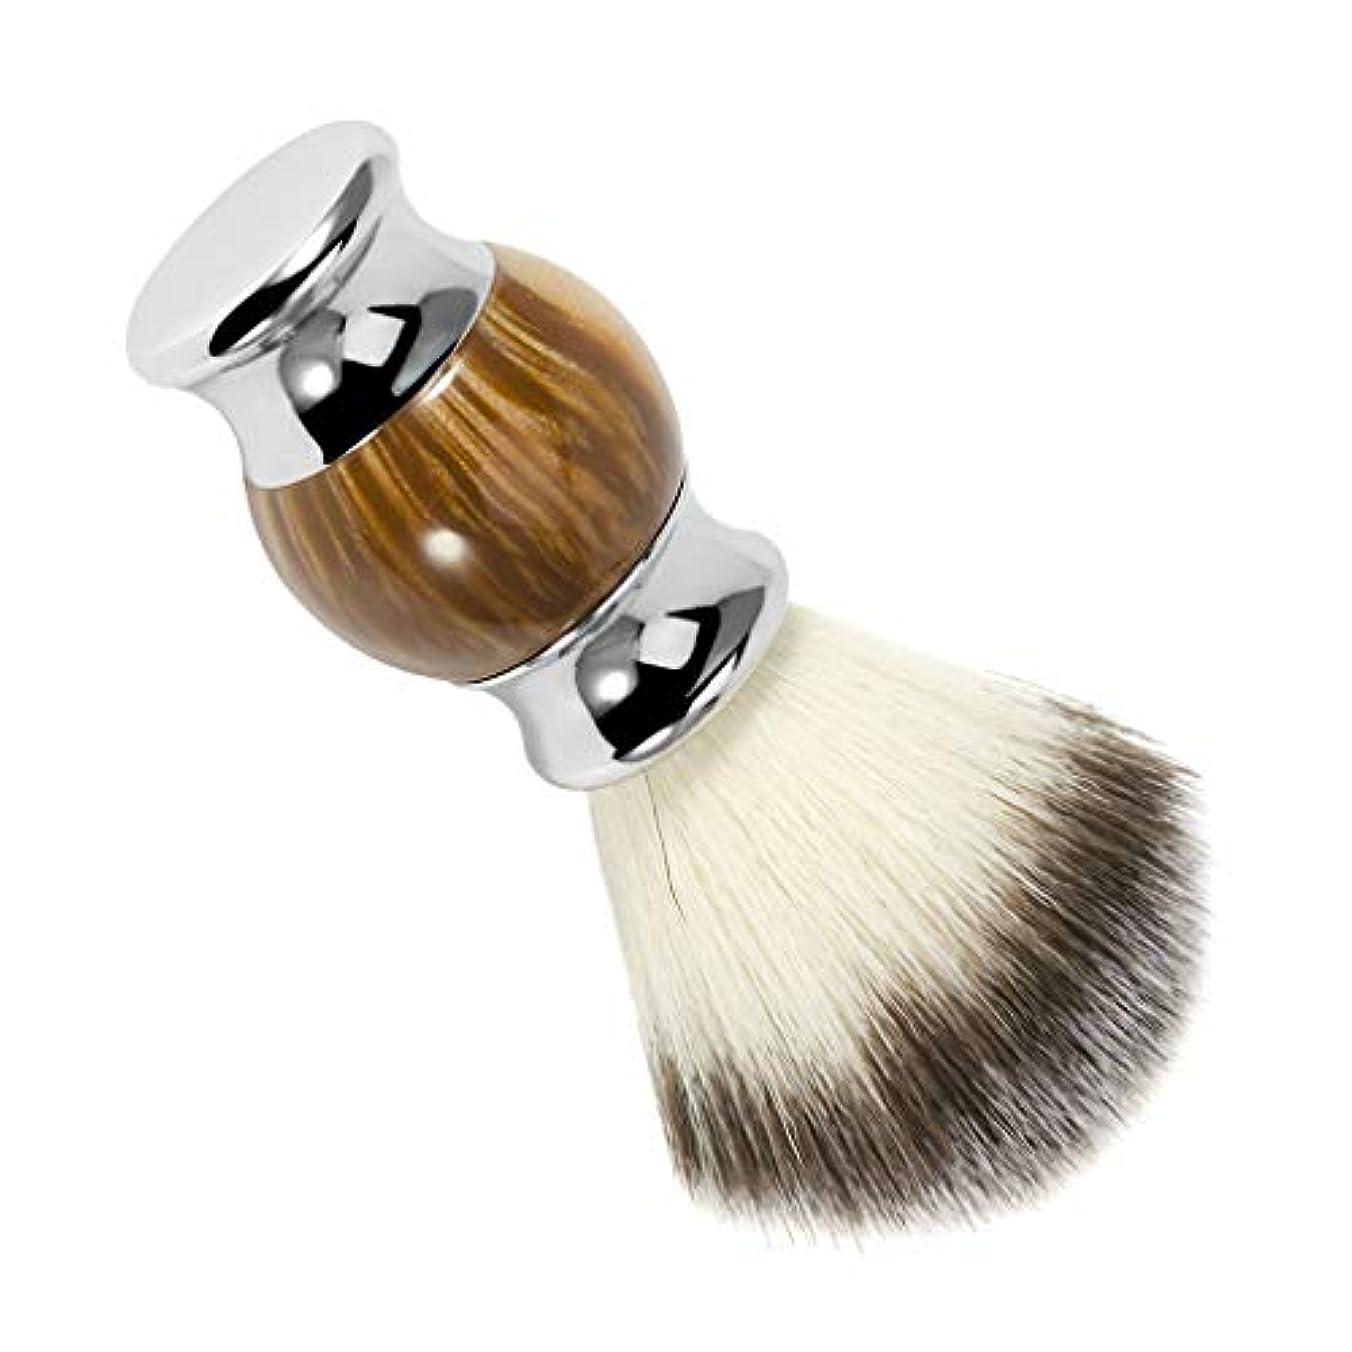 シガレット社会科ストレスの多いひげ剃りブラシ シェービングブラシ メンズ 髭剃り プロフェッショナル ひげ剃り 美容ツール